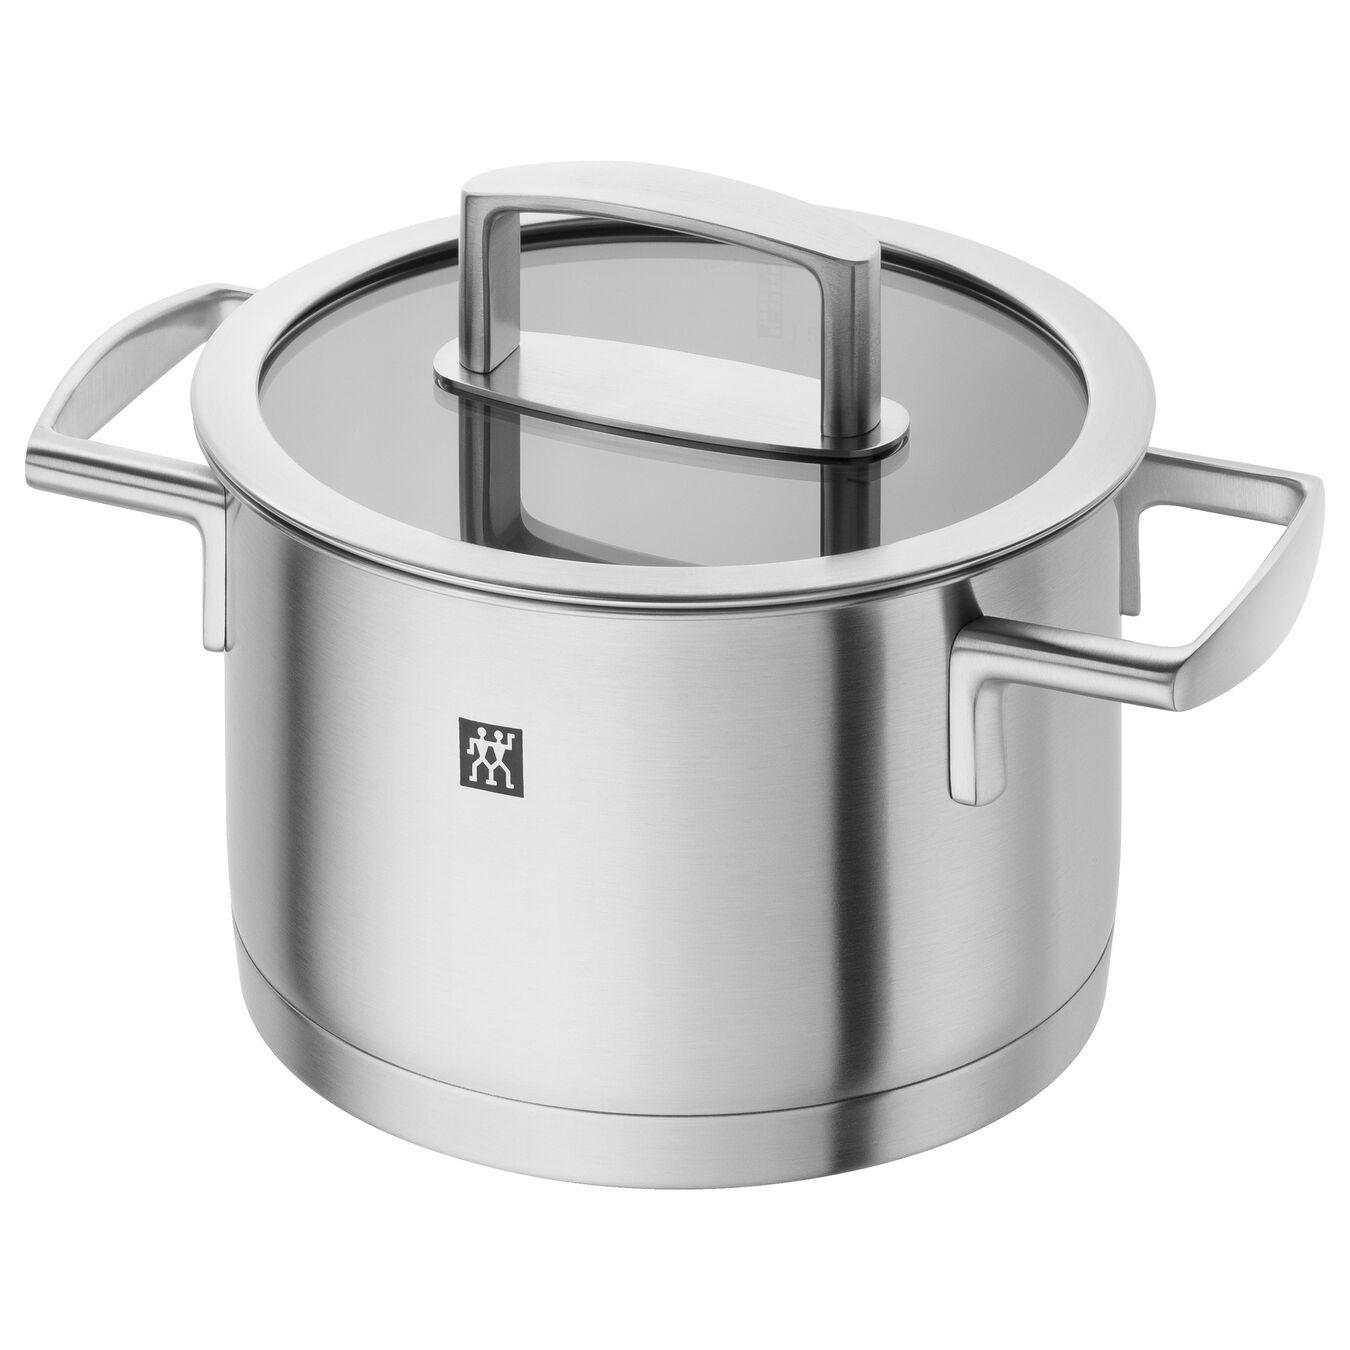 Ensemble de casseroles 3-pcs, Inox 18/10,,large 5